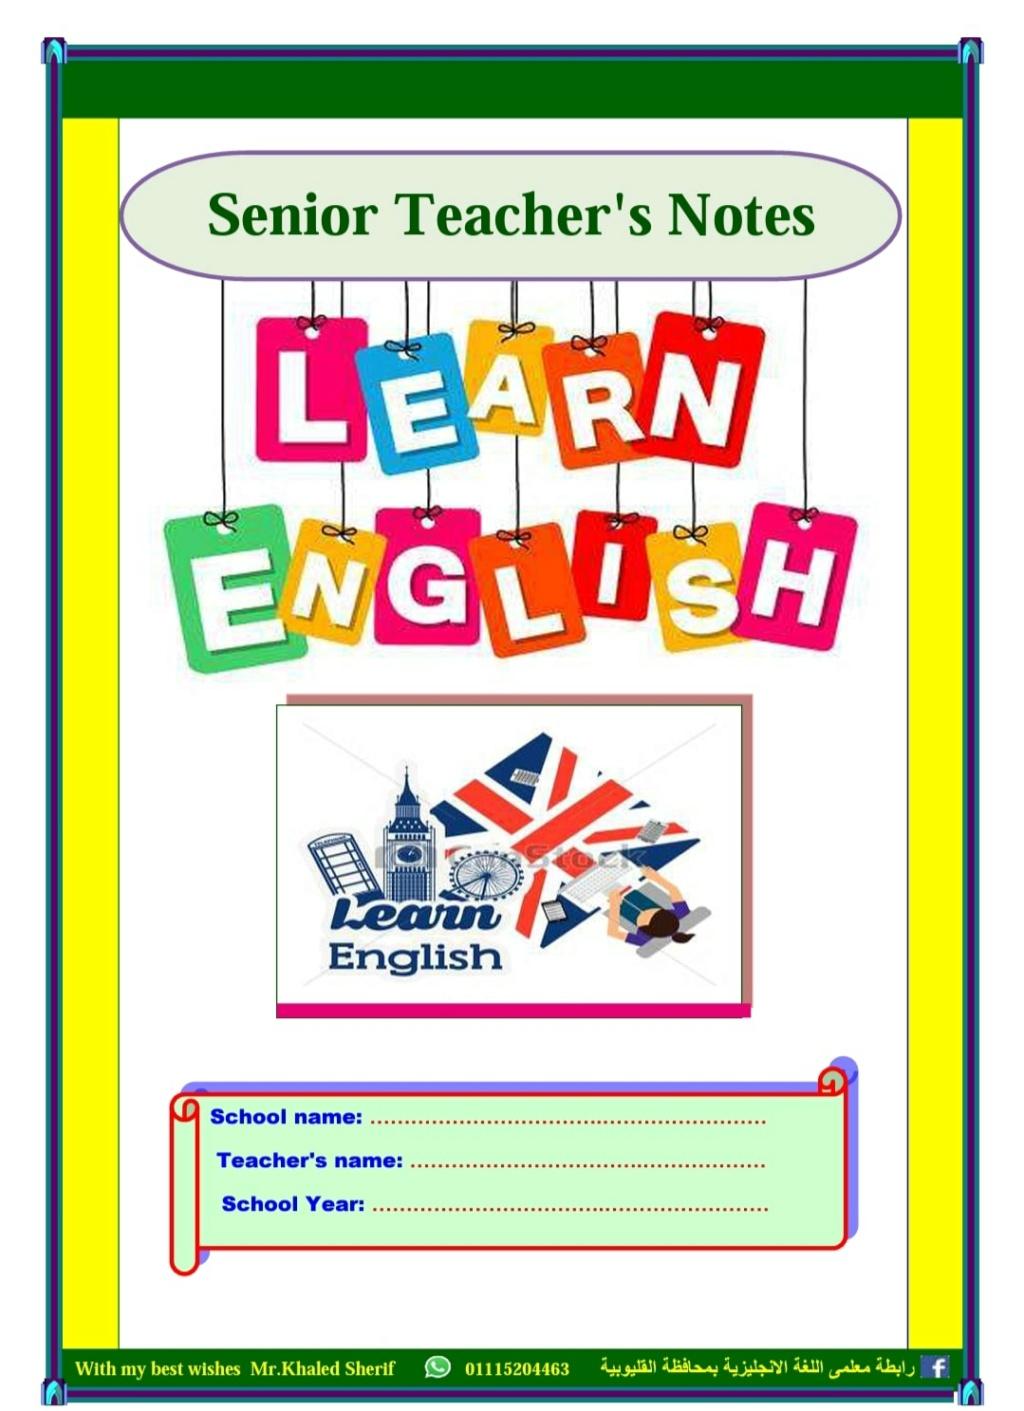 لغة انجليزية l  سجل المعلم الأول للمرحلة الابتدائية آخر اصدار جاهز للطباعه 12641